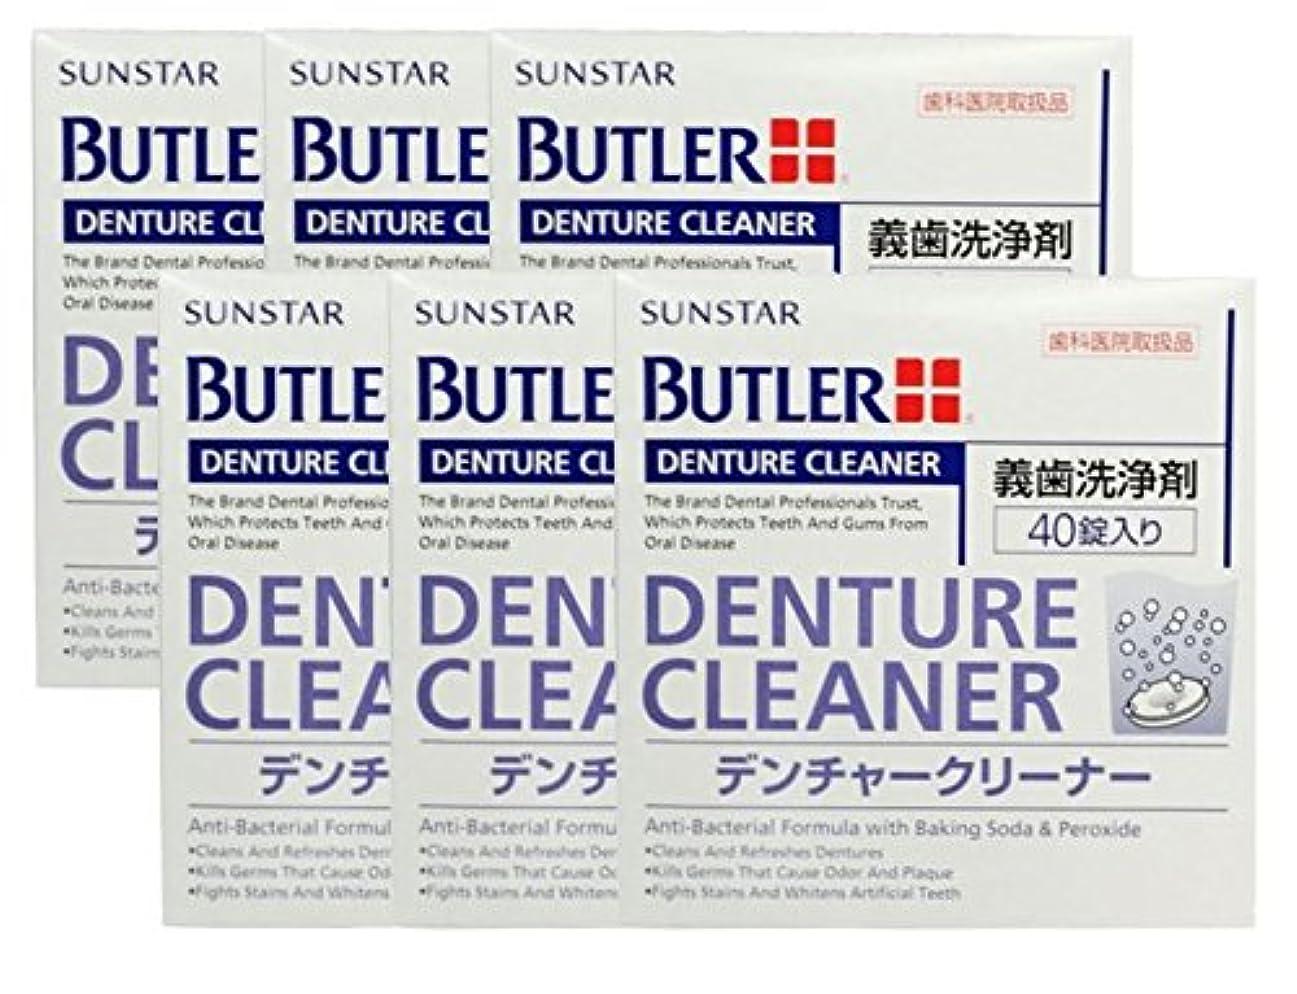 駅傾向眠りサンスター/バトラー歯科用バトラー デンチャークリーナー #250P 6箱 義歯洗浄剤 6個入/箱